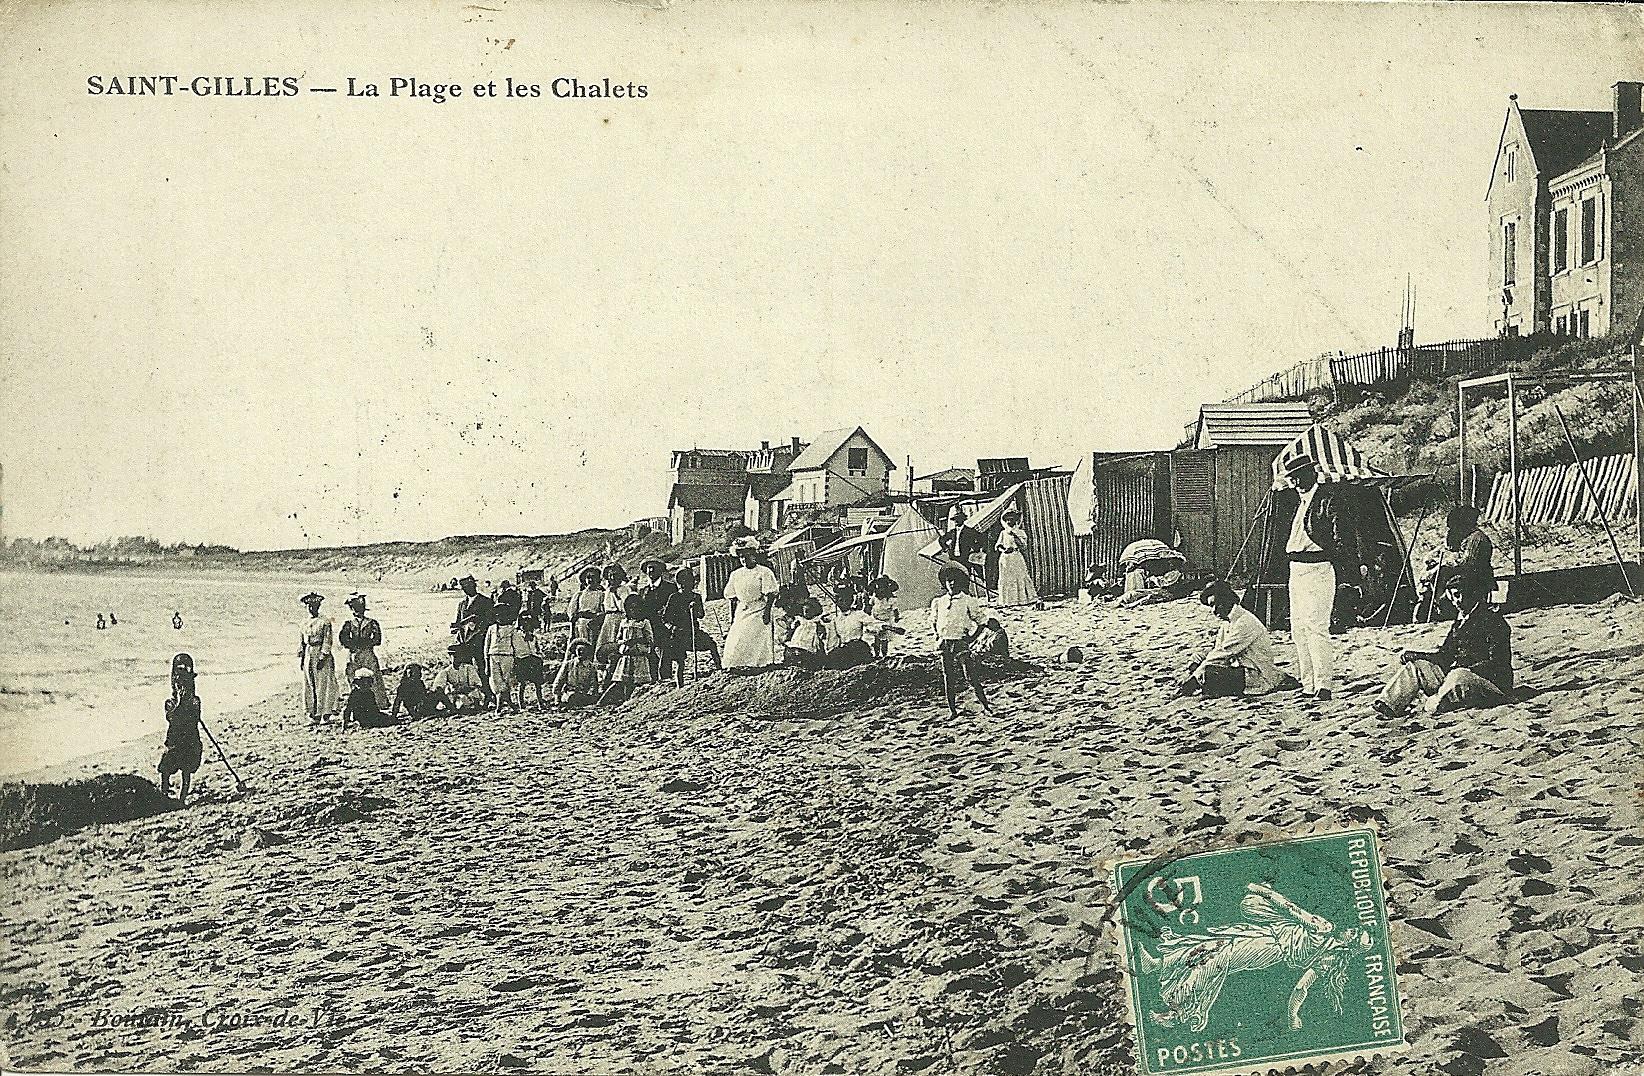 Saint-Gilles-sur-Vie, la plage et les chalets.